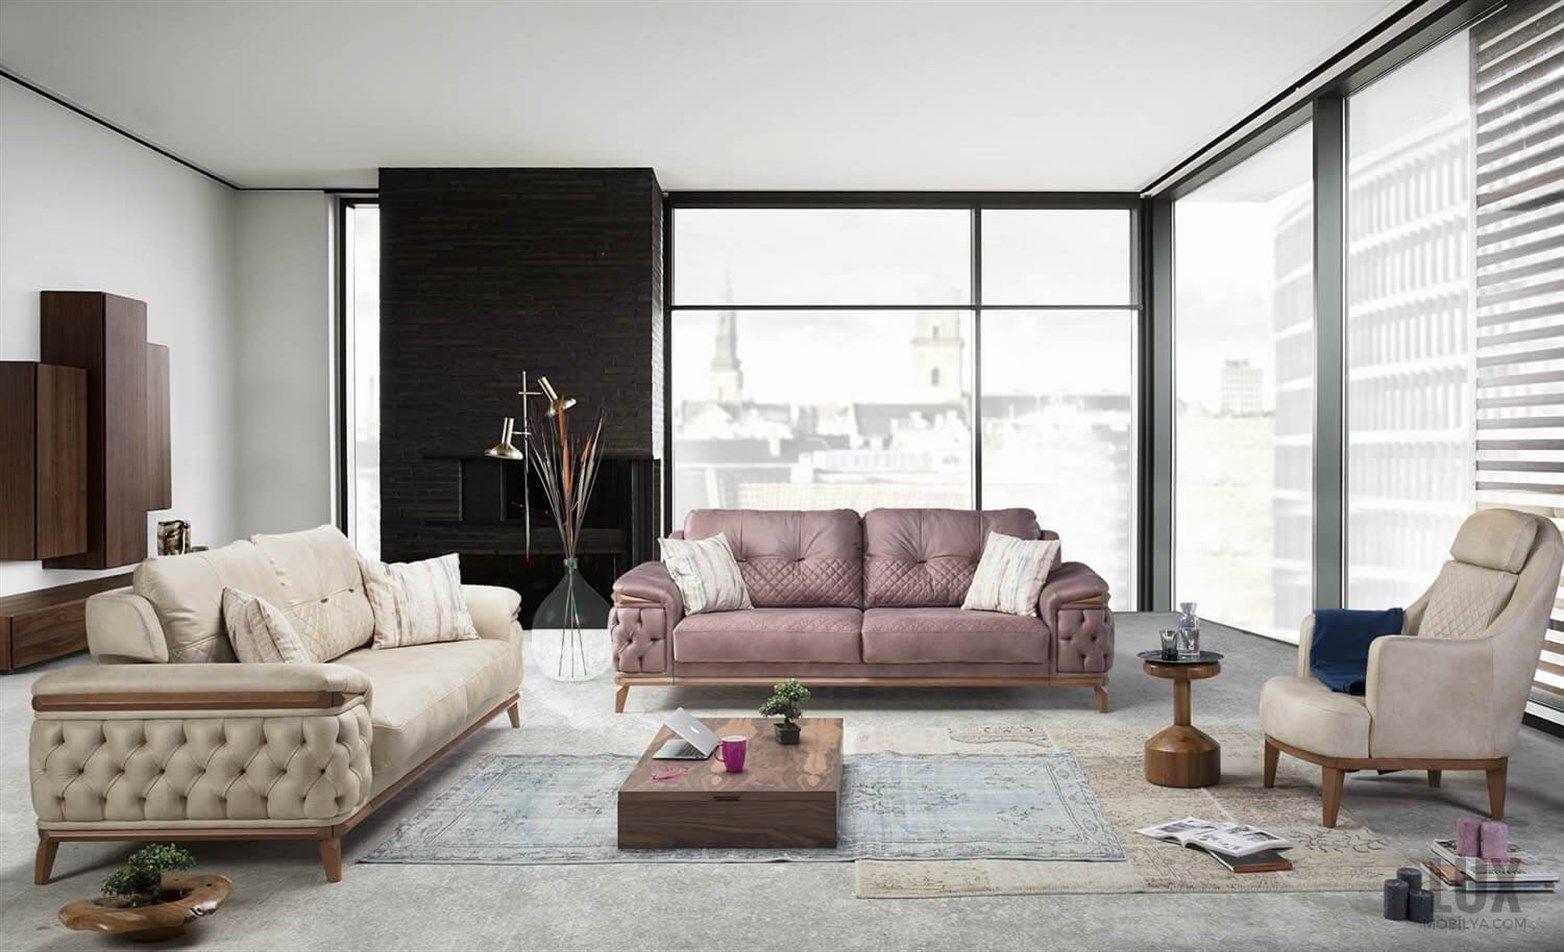 Koltuk Takimlari Par Koltuk Takimi Lux Mobilya Yatakodasitakimlari Rapsodi Koltuktakimlari Yemekodasitakimlari Home Decor Furniture Home